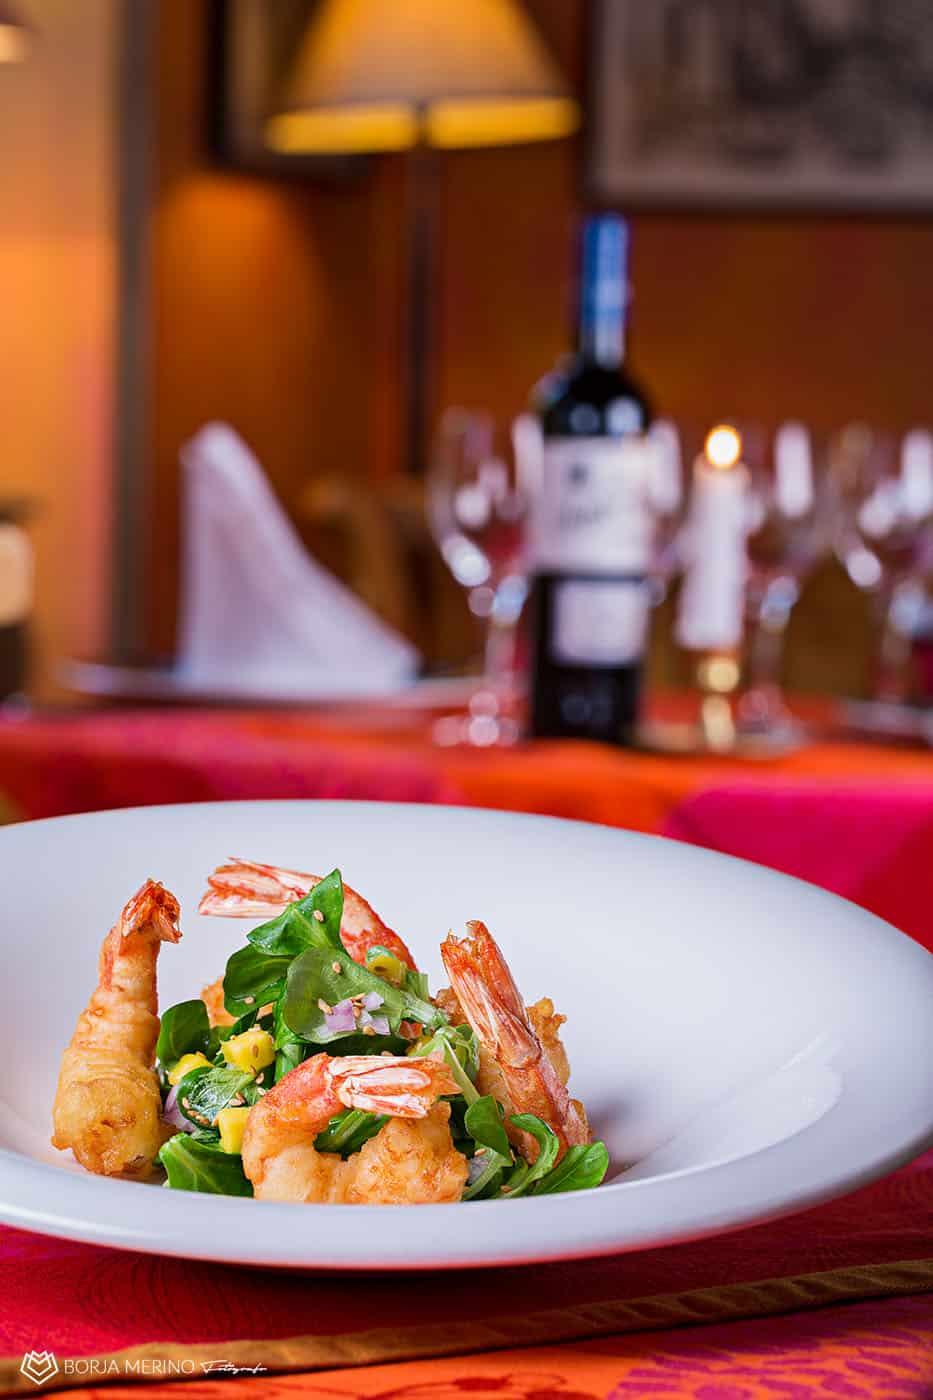 fotógrafo profesional restaurante madrid valladolid